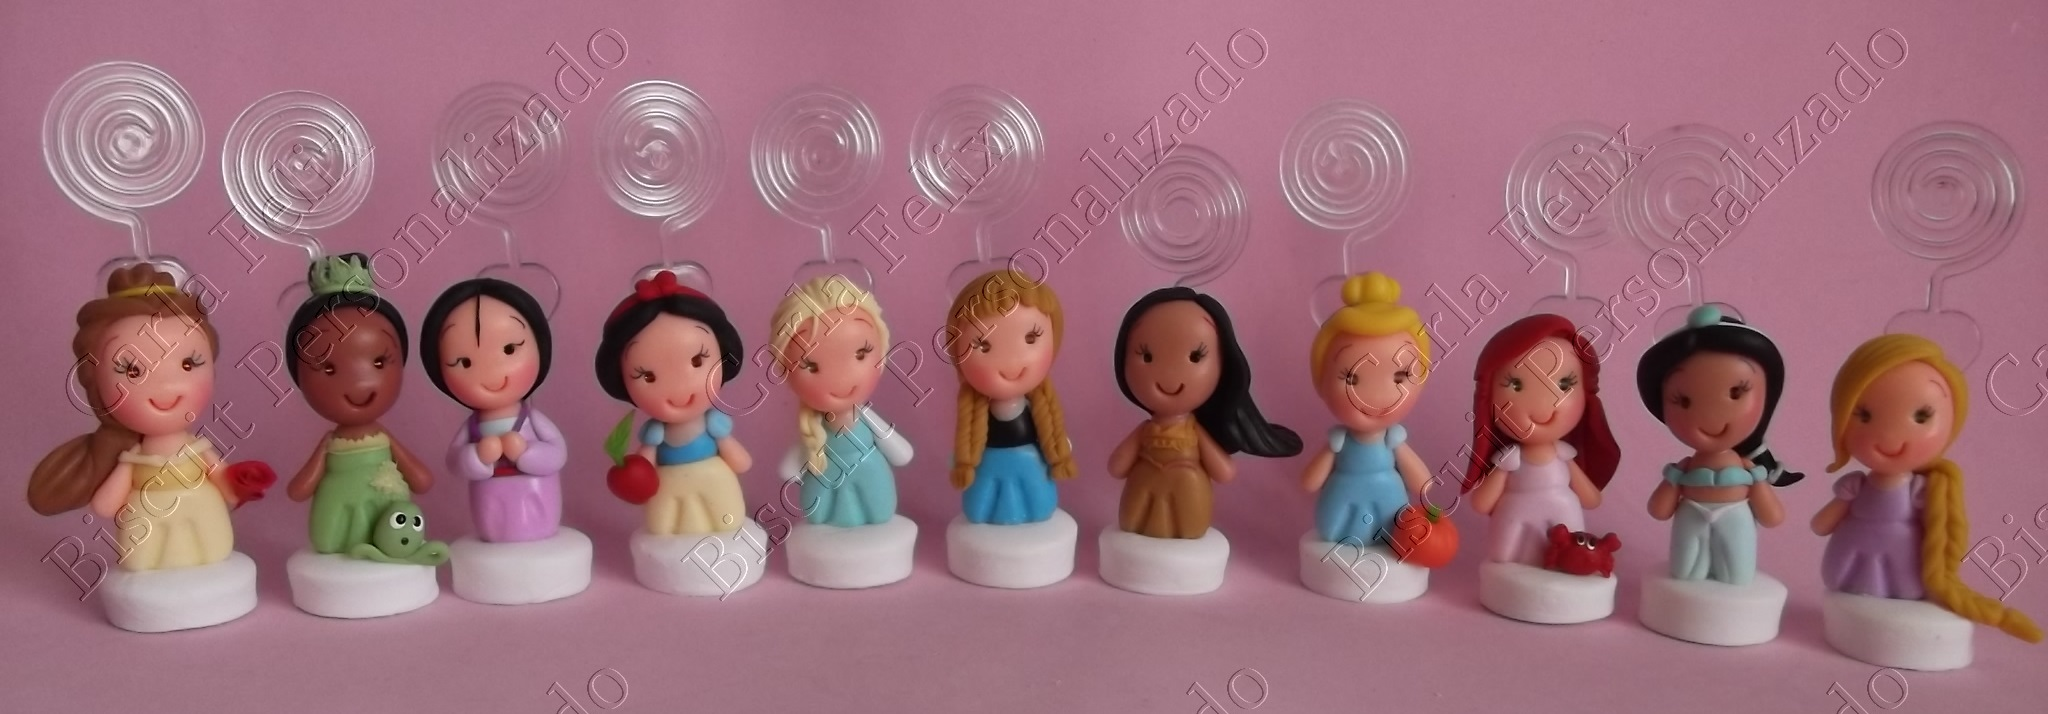 Princesas e Príncipes Disney no Elo7 | Carla Felix Biscuit Personalizado  (57A25C)